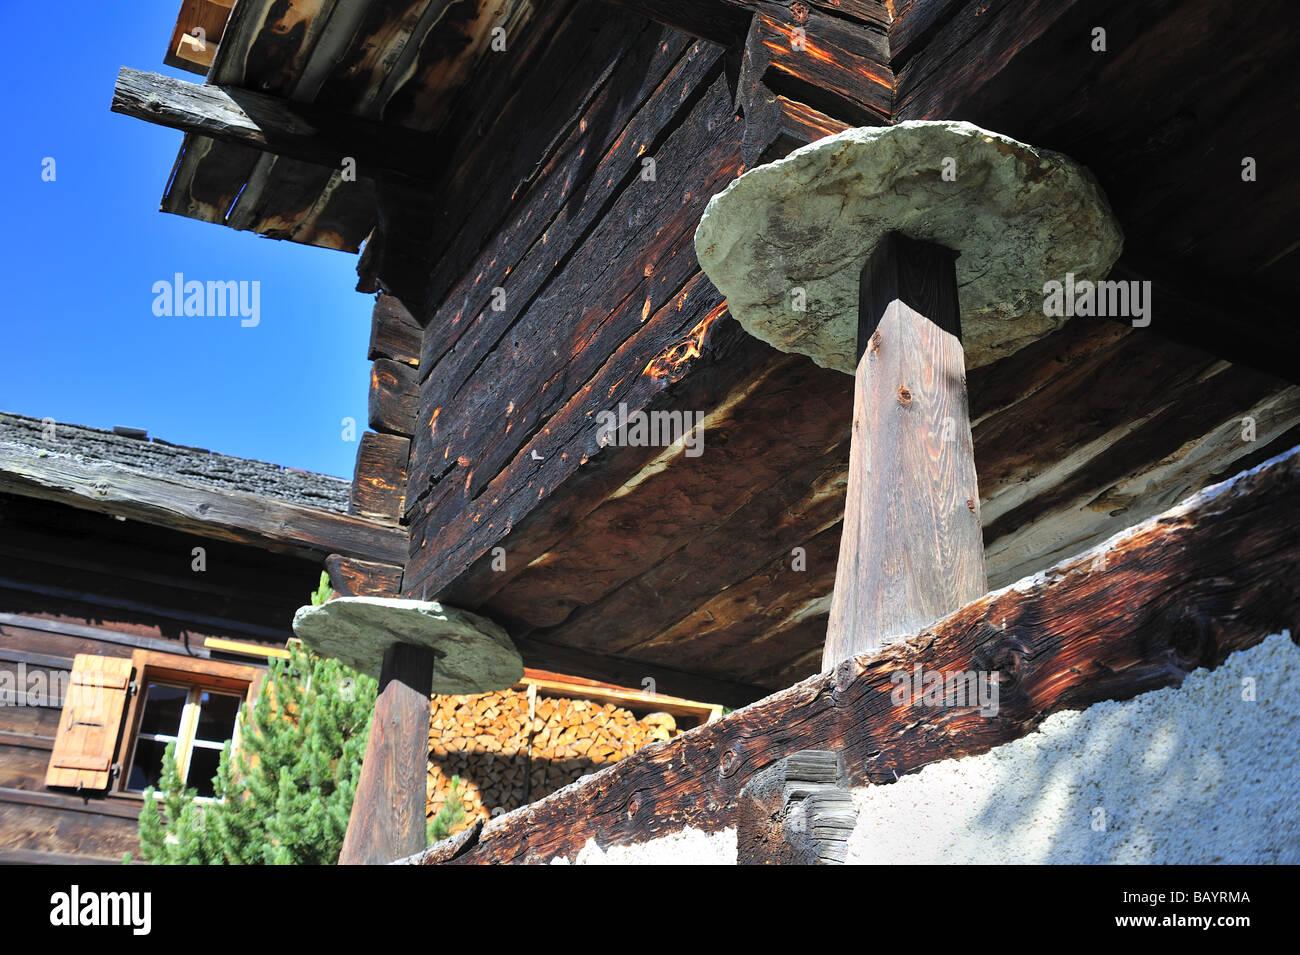 Detalle de staddle piedras bajo un chalet en Chandolin, Suiza Imagen De Stock